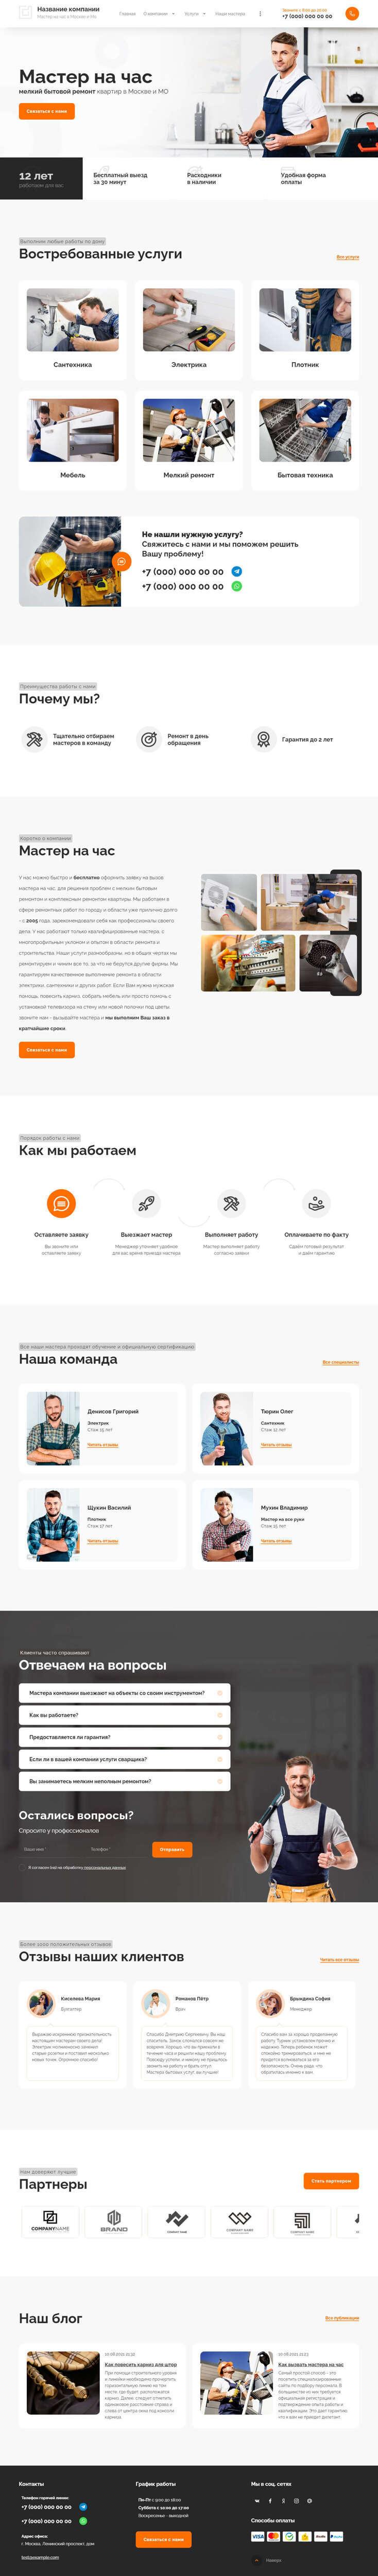 Готовый Сайт-Бизнес № 3272693 - Сайт мастера на час (Главная)